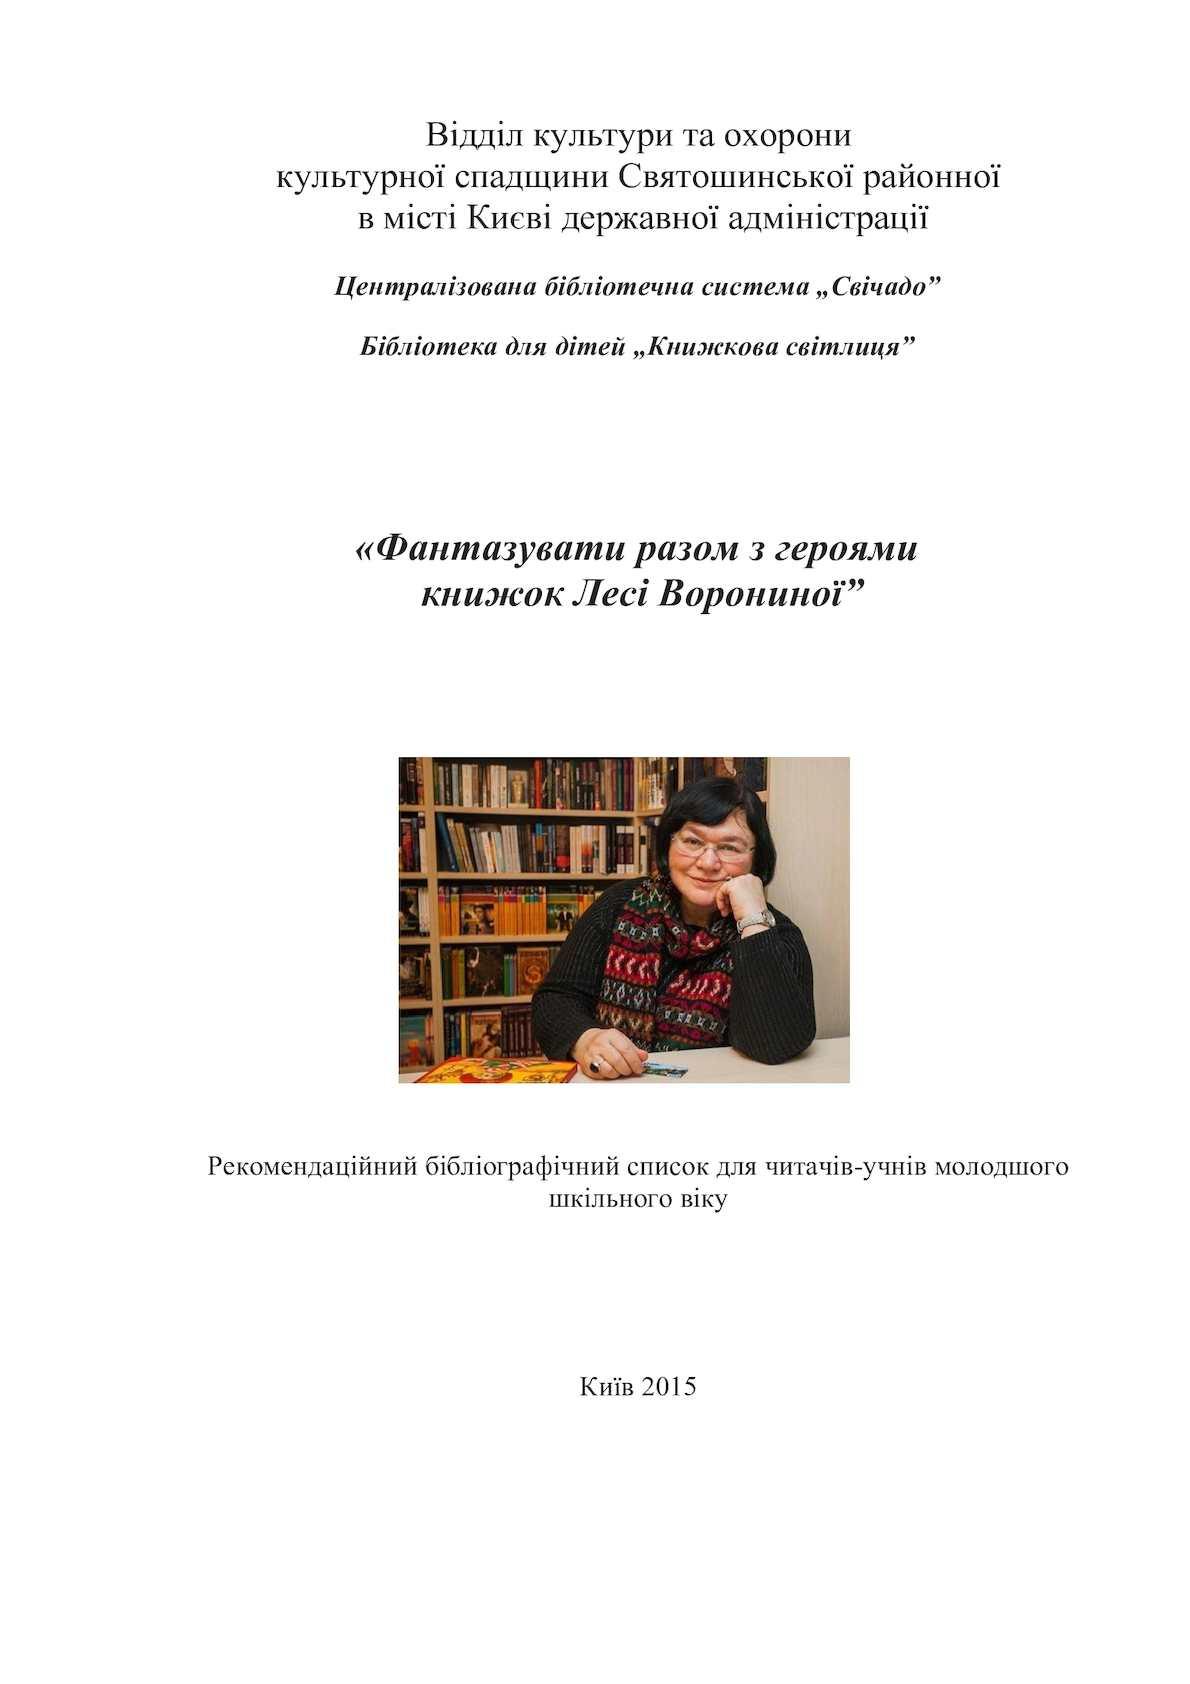 """«Фантазувати разом з героями книжок Лесі Ворониної"""""""